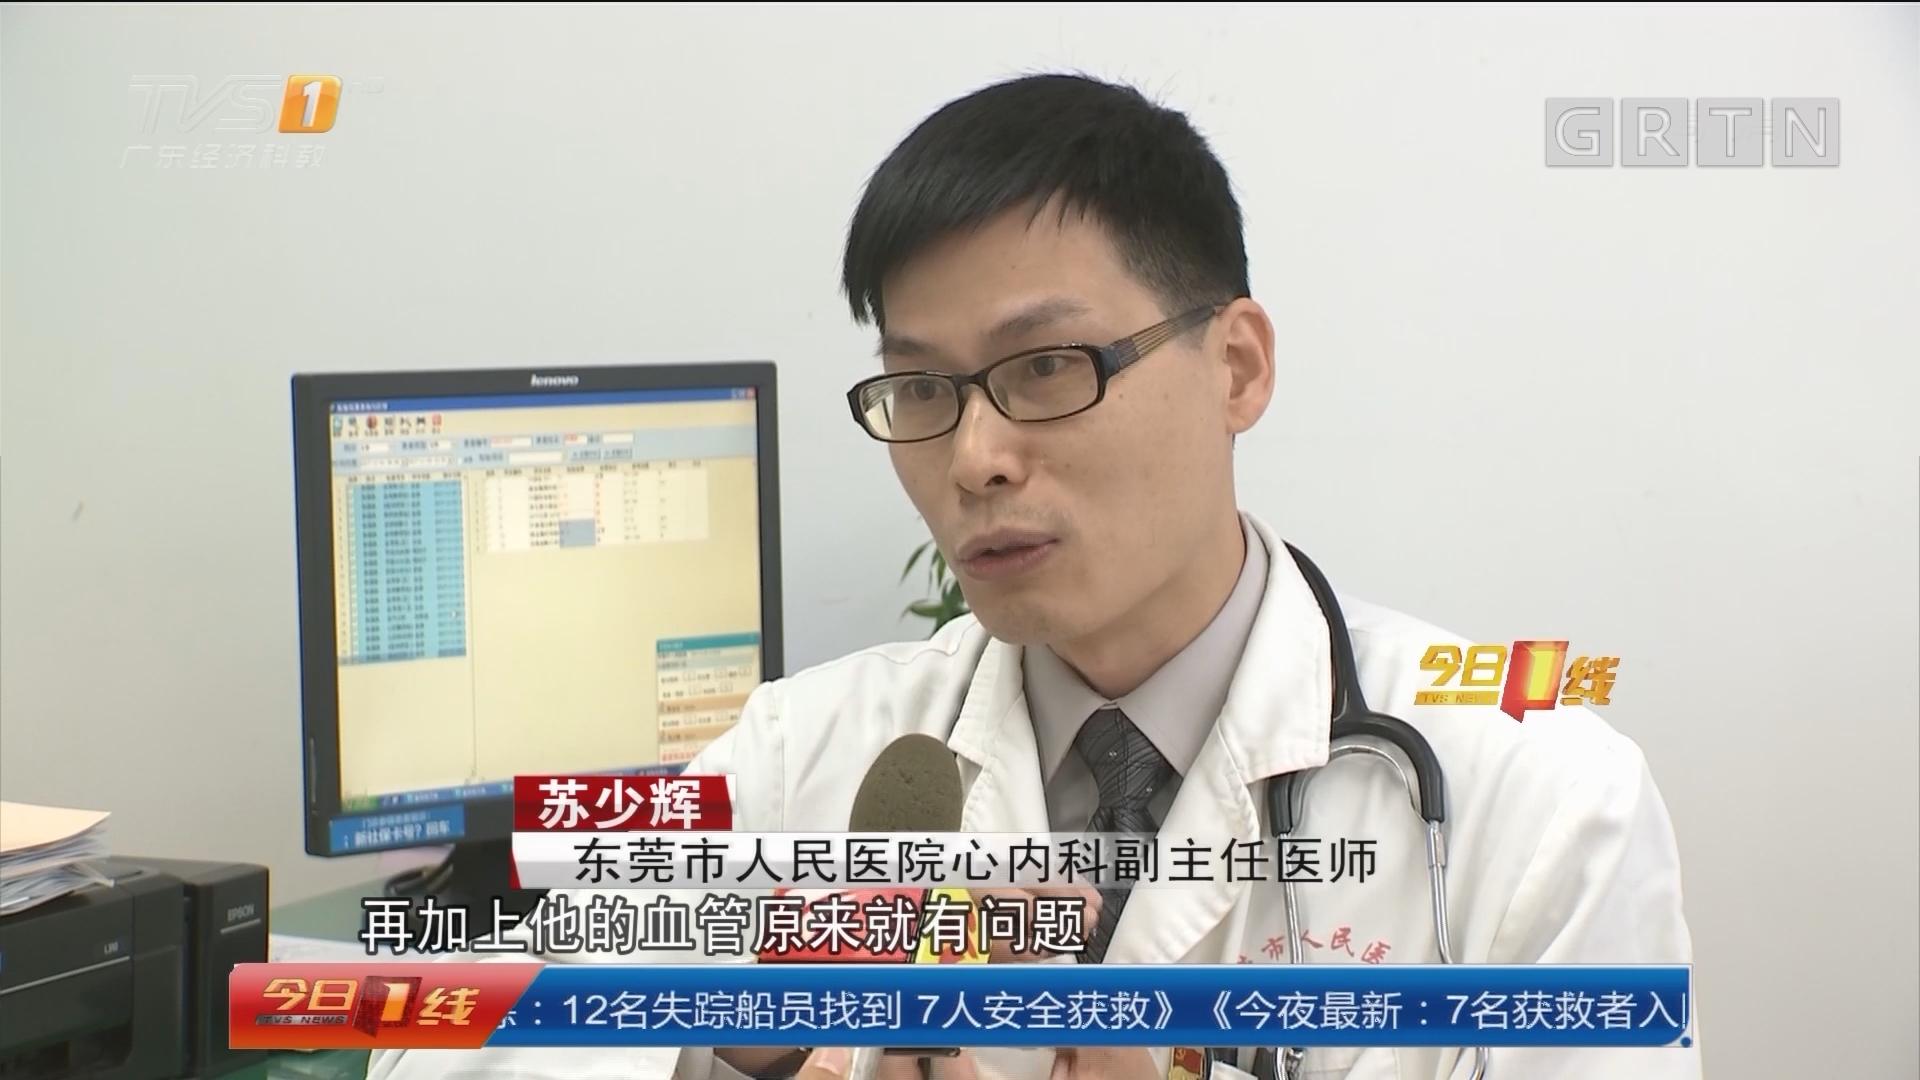 佛山:蛇毒伤者跨市求医 民警全力护航